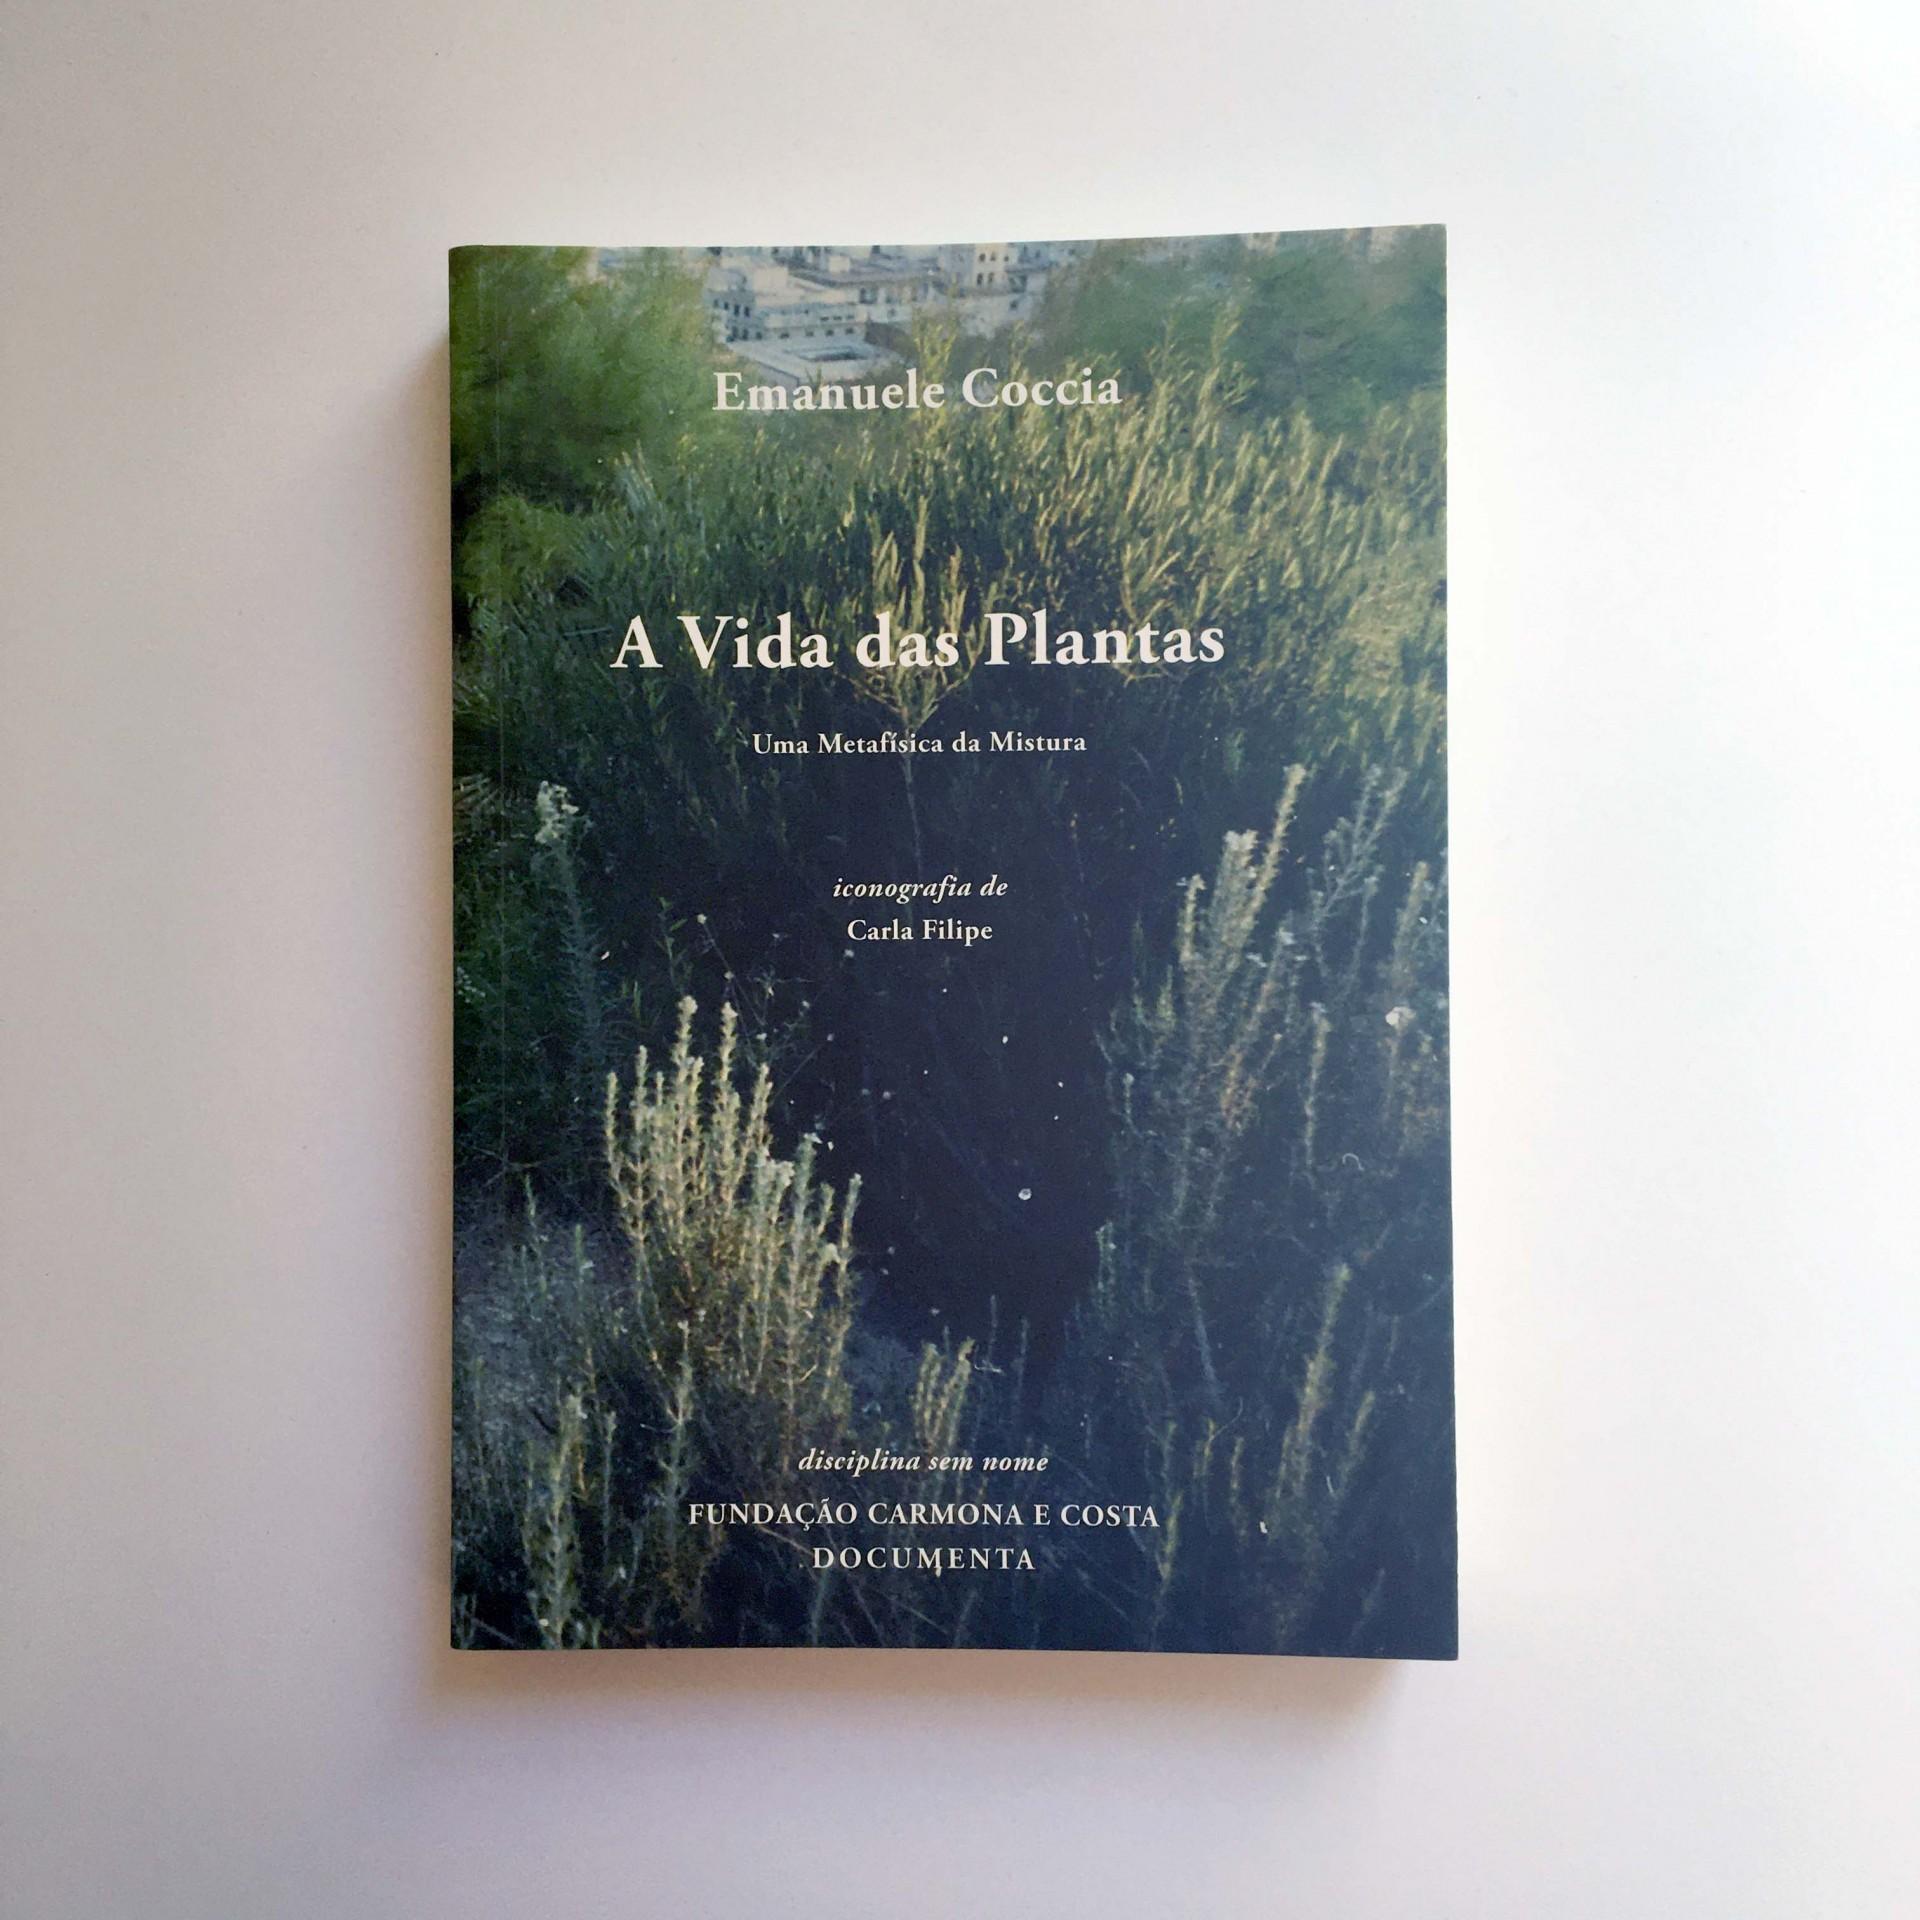 A Vida das Plantas — Uma Metafísica da Mistura seguido de «Ser o mundo»